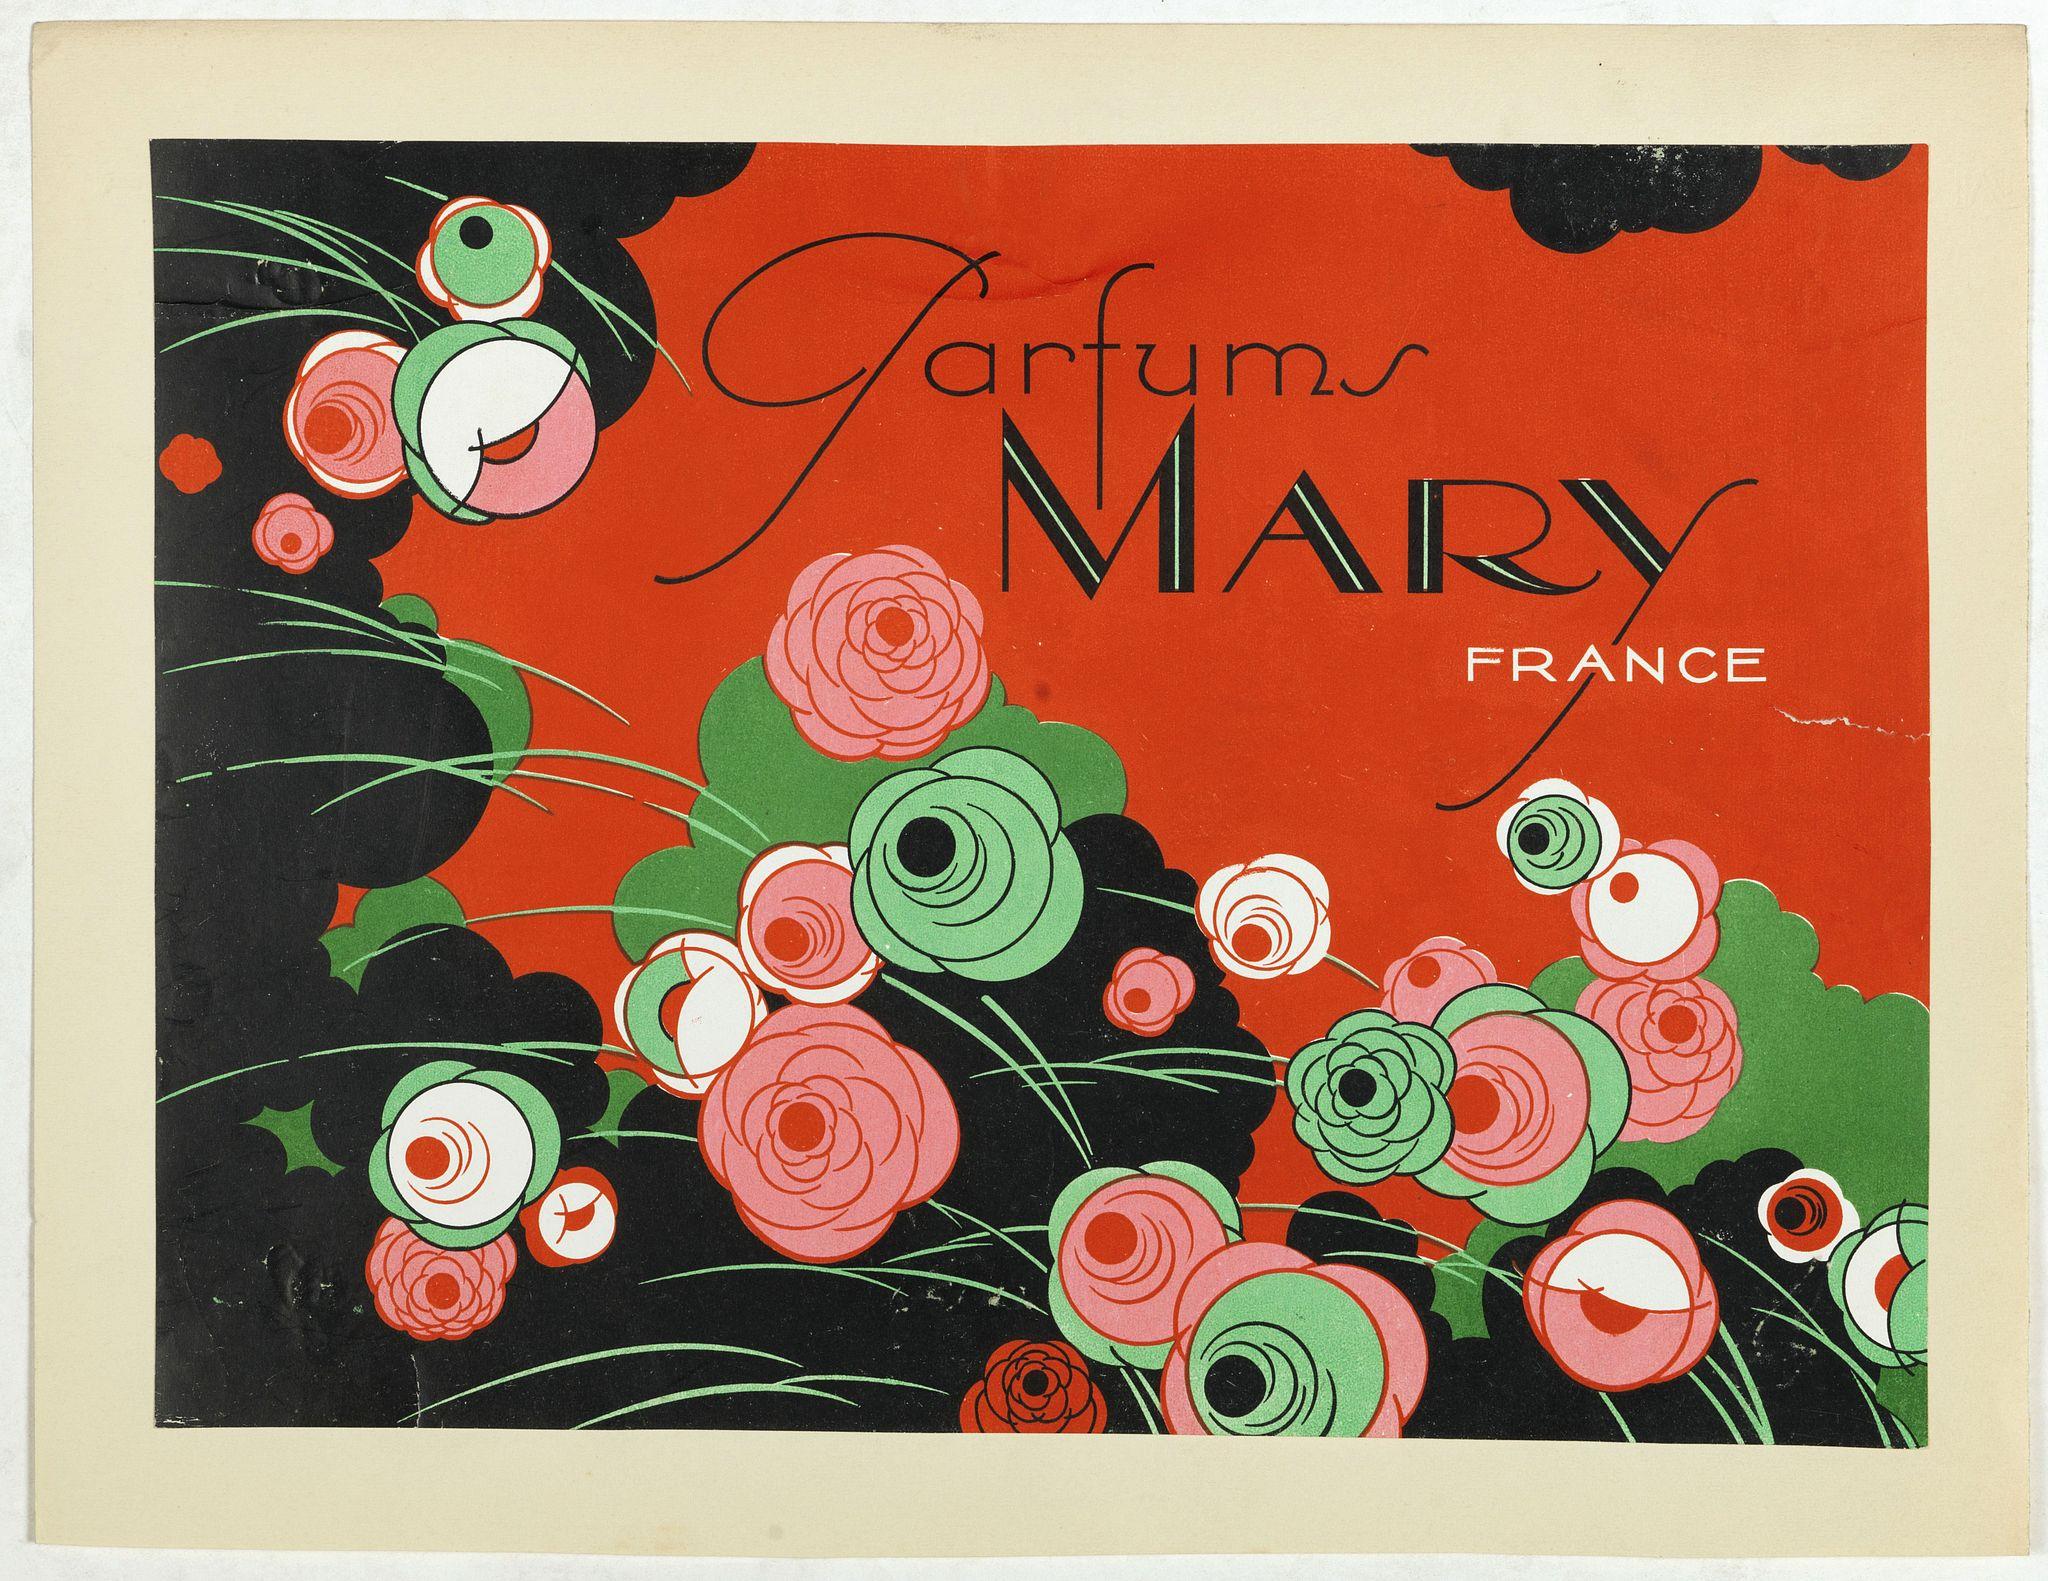 PICHON, Robert (Workshop). -  Art déco label for Parfum Mary France.